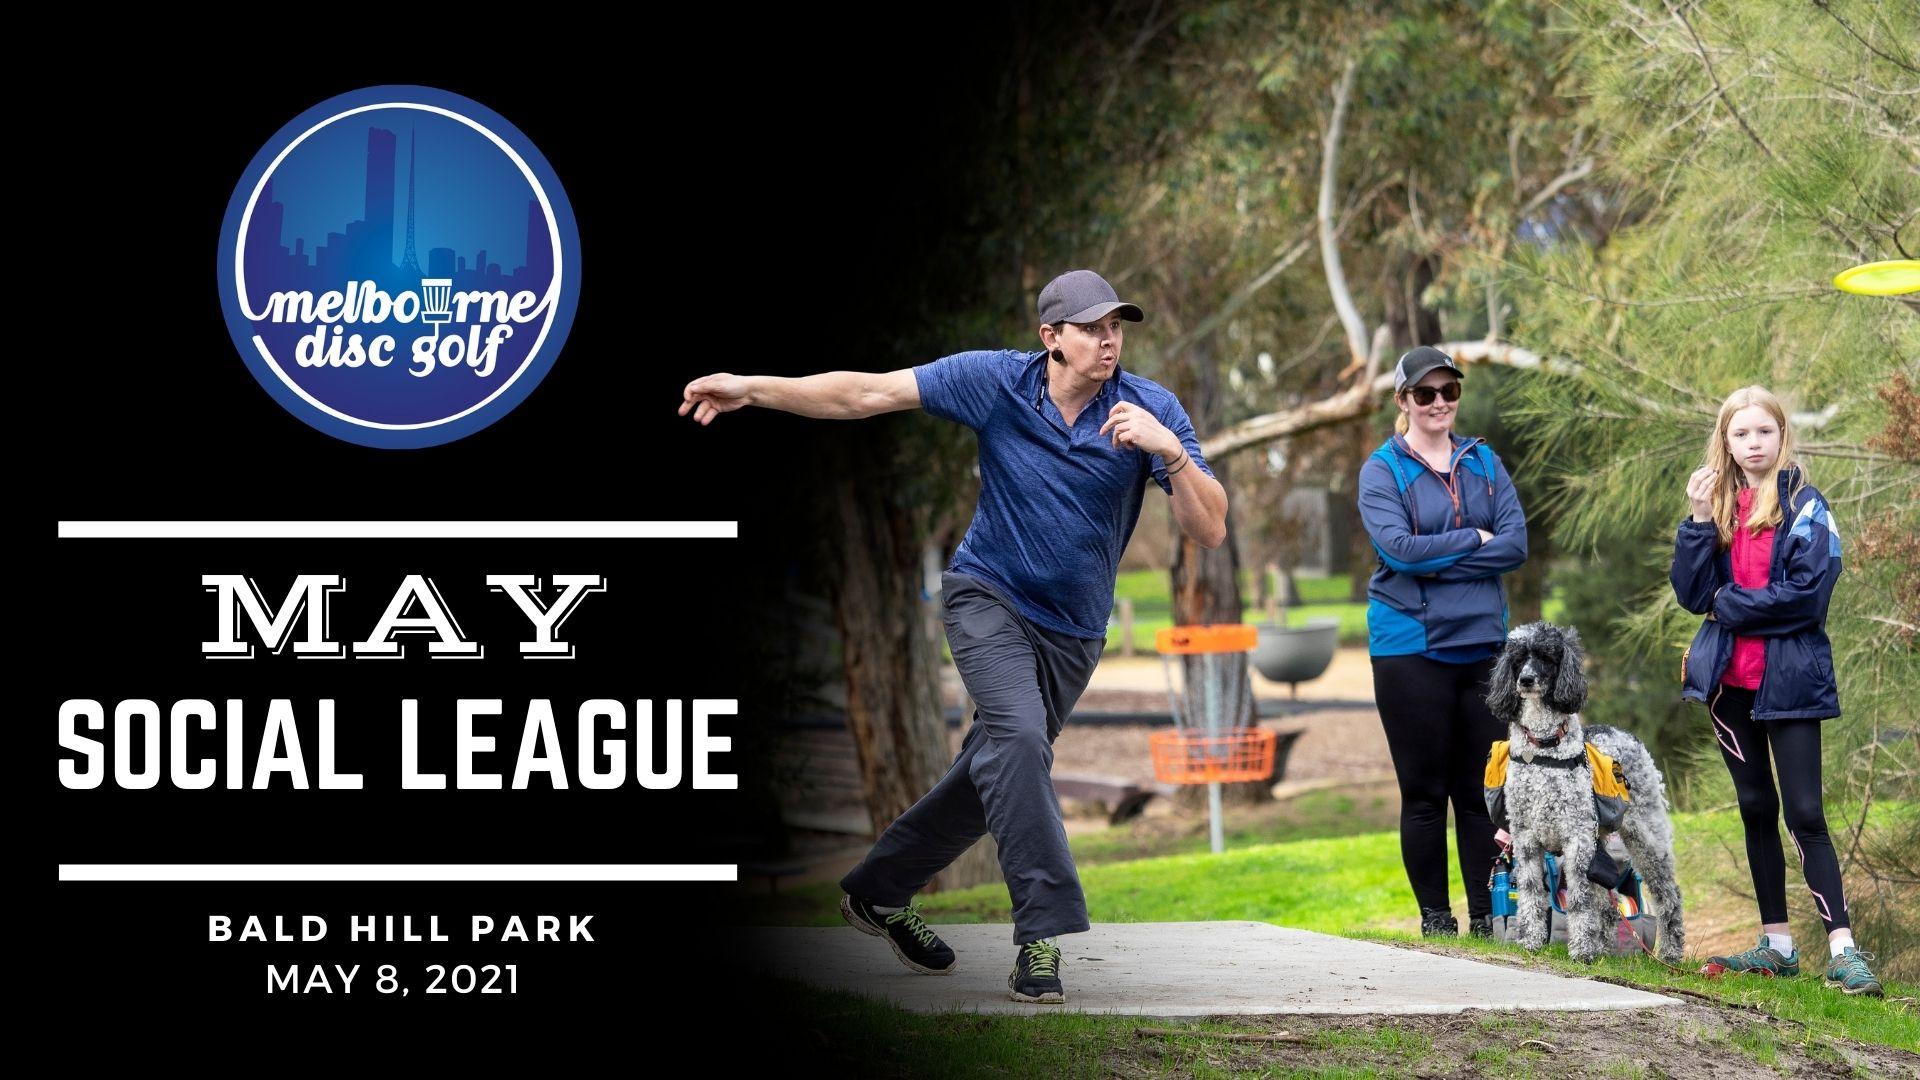 May Social Disc Golf Day at Bald Hill Park, Clarinda